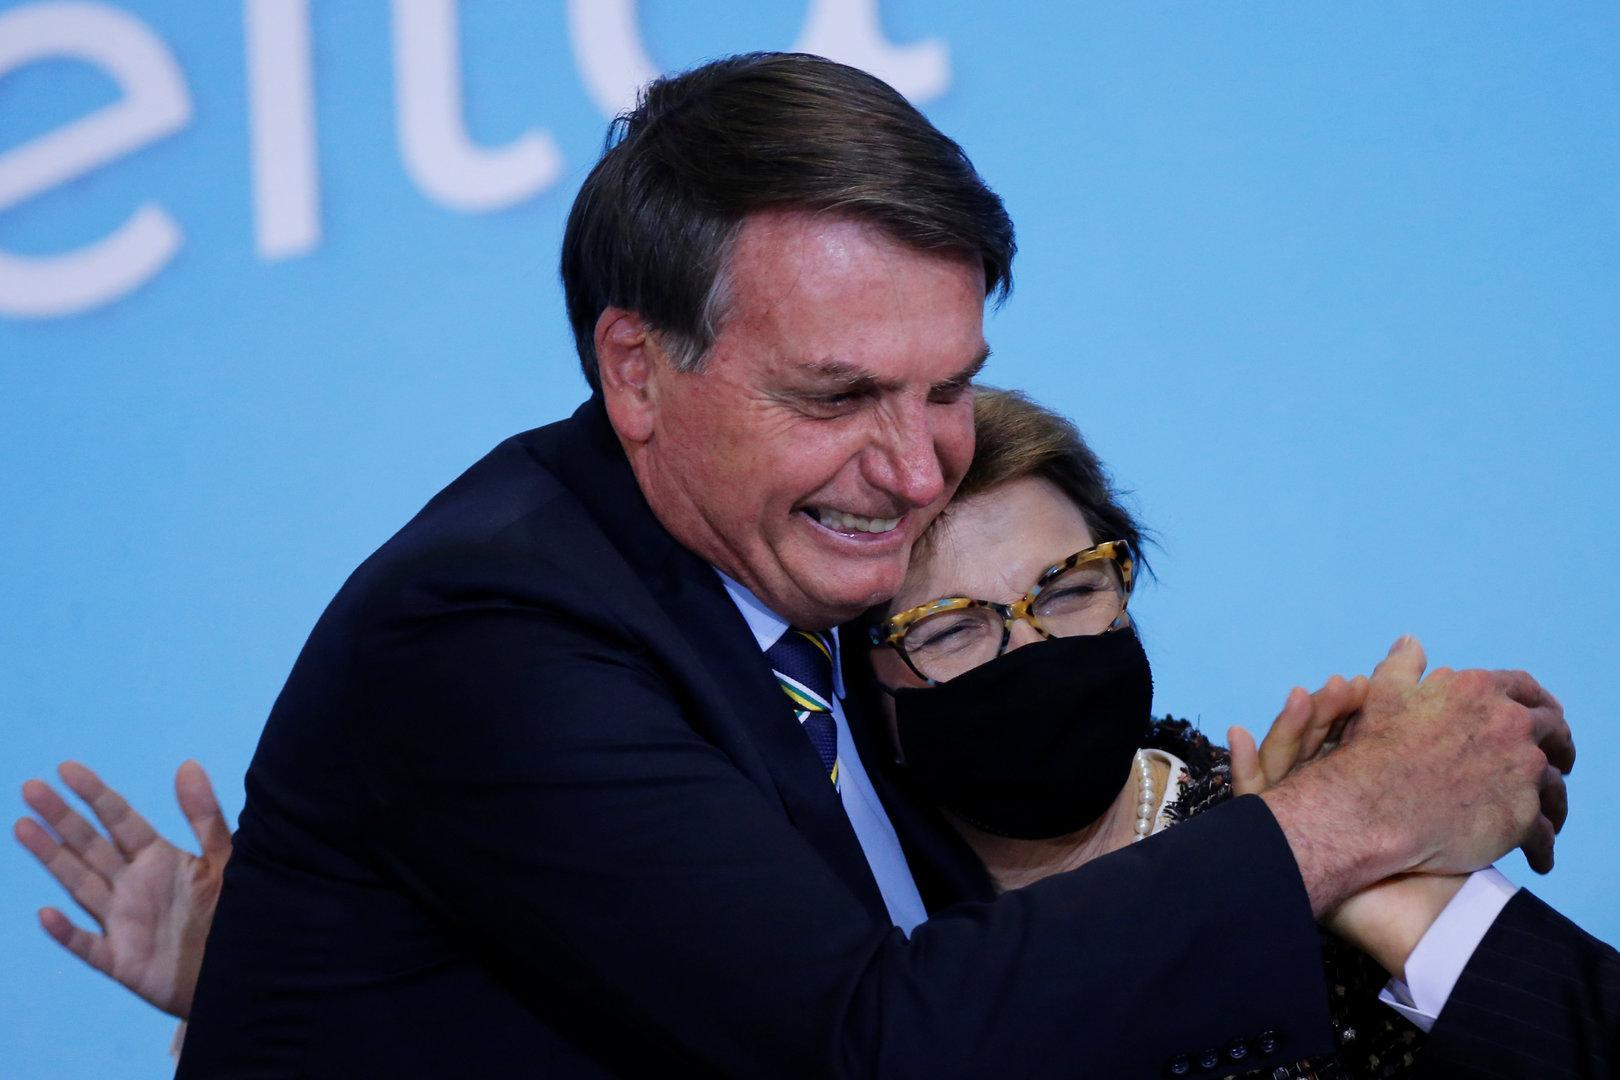 Ist er diesmal positiv? Bolsonaro zeigt deutliche Corona-Symptome